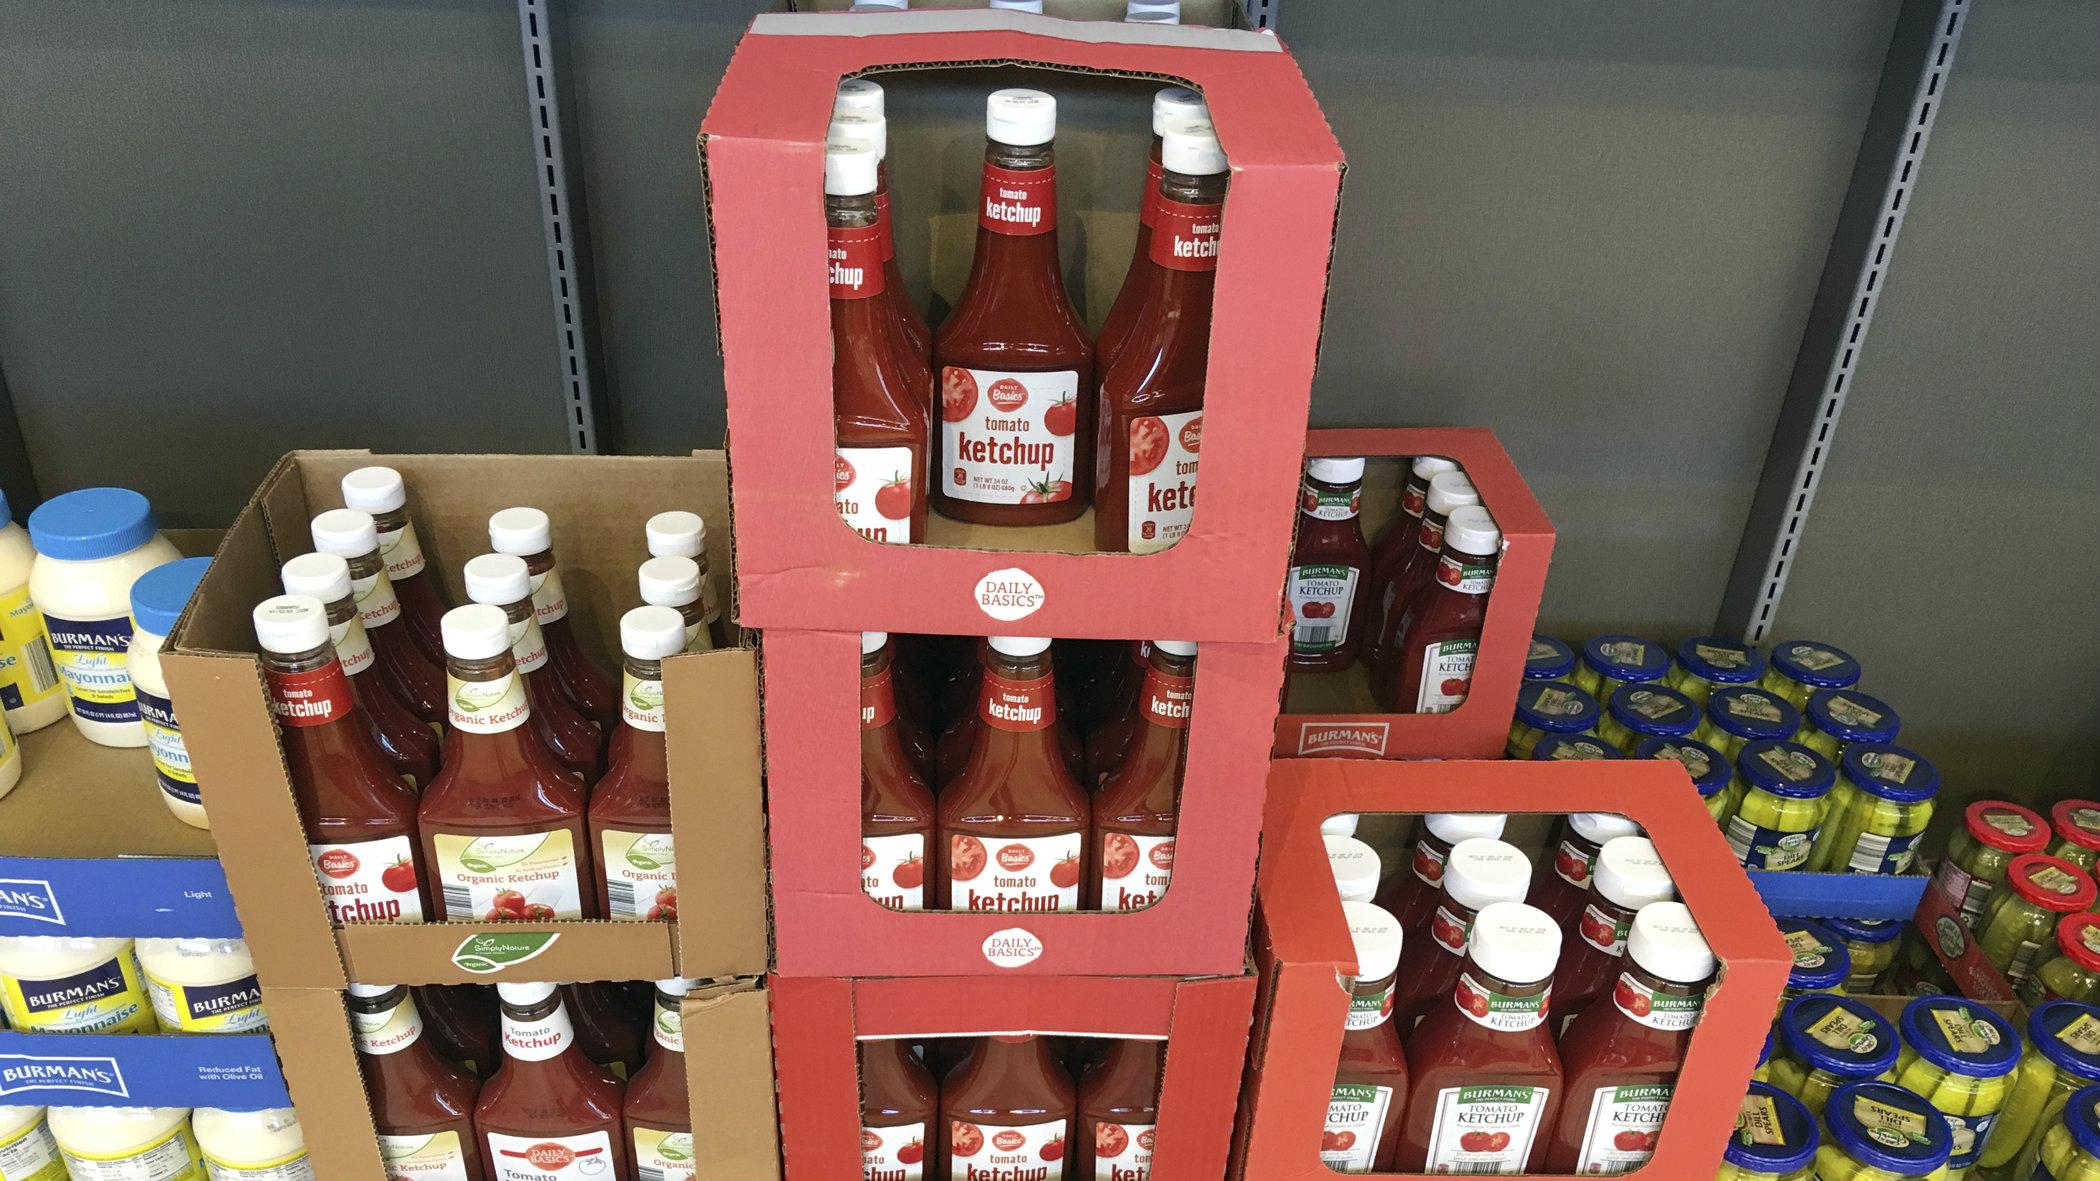 ketchup and mayo on shelf